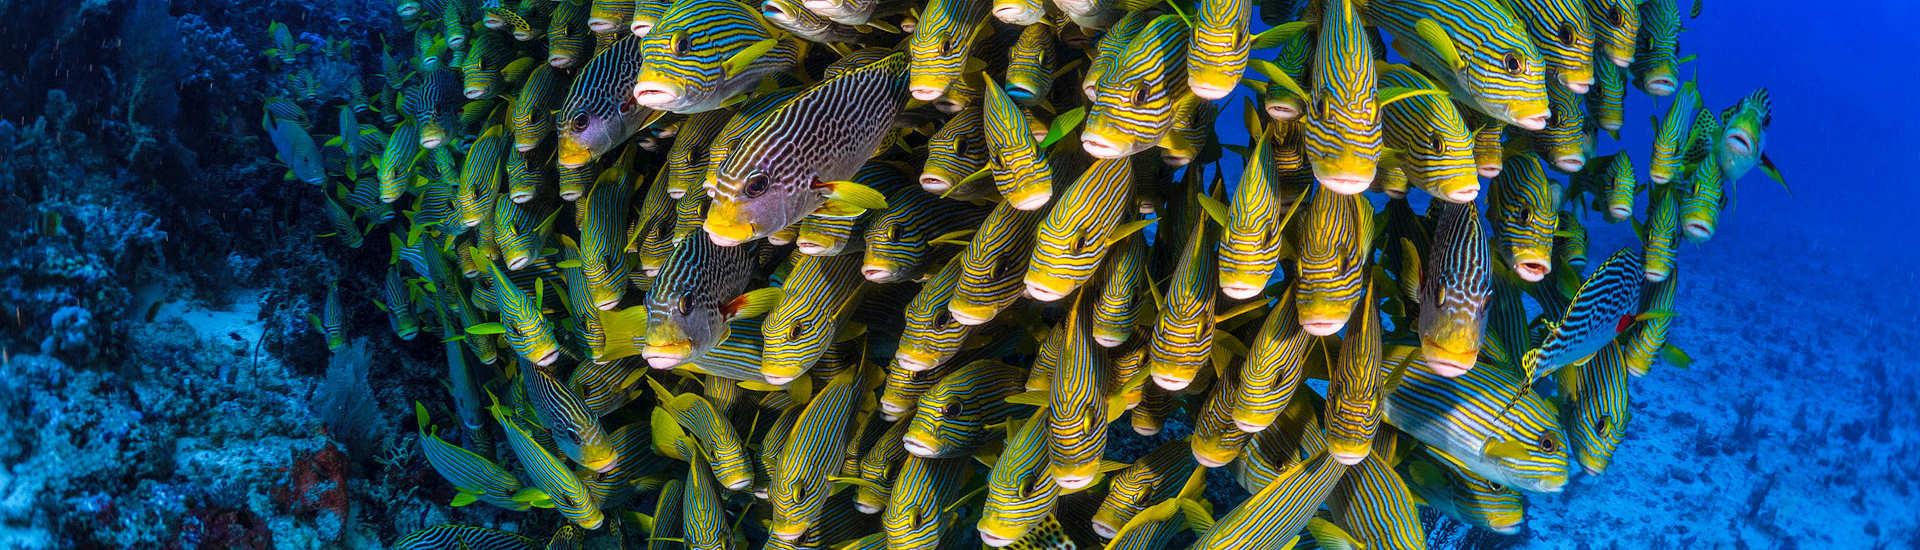 Tauchgang mit Süsslippen Schwarm in Raja Ampat – Dampier Strait, Indonesien